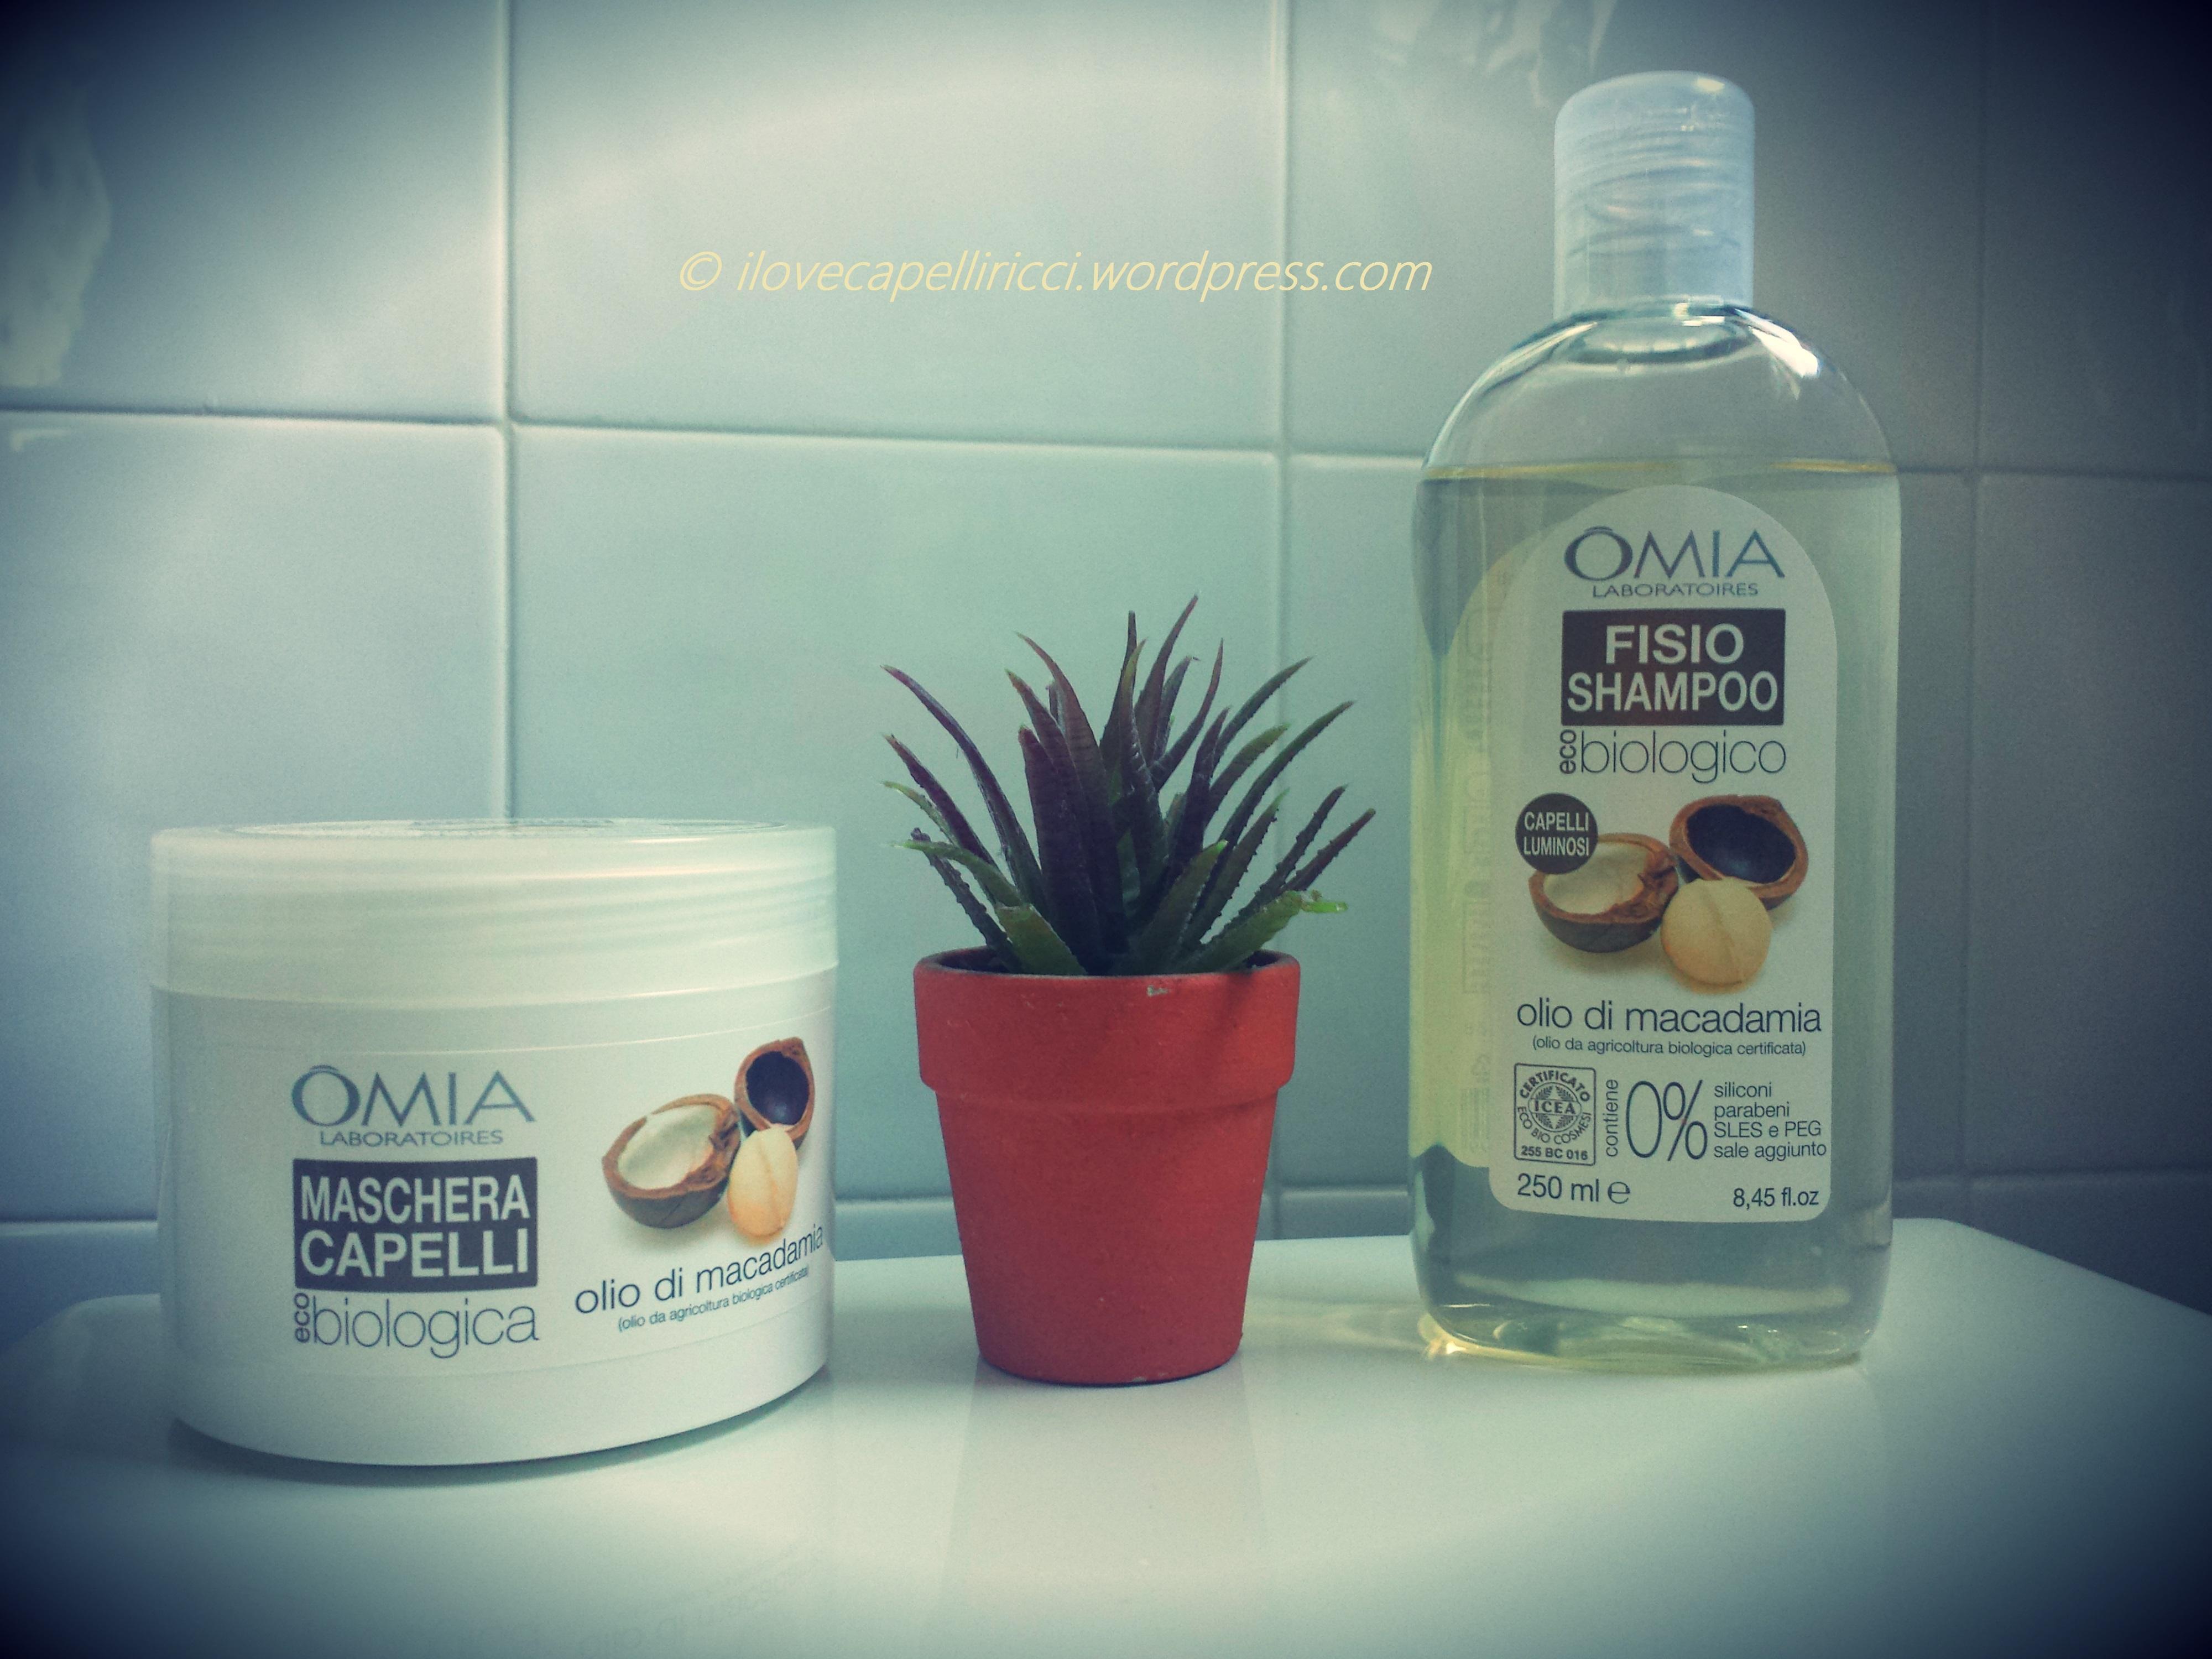 Comprare una ricostruzione di capelli keratin di cocochoco